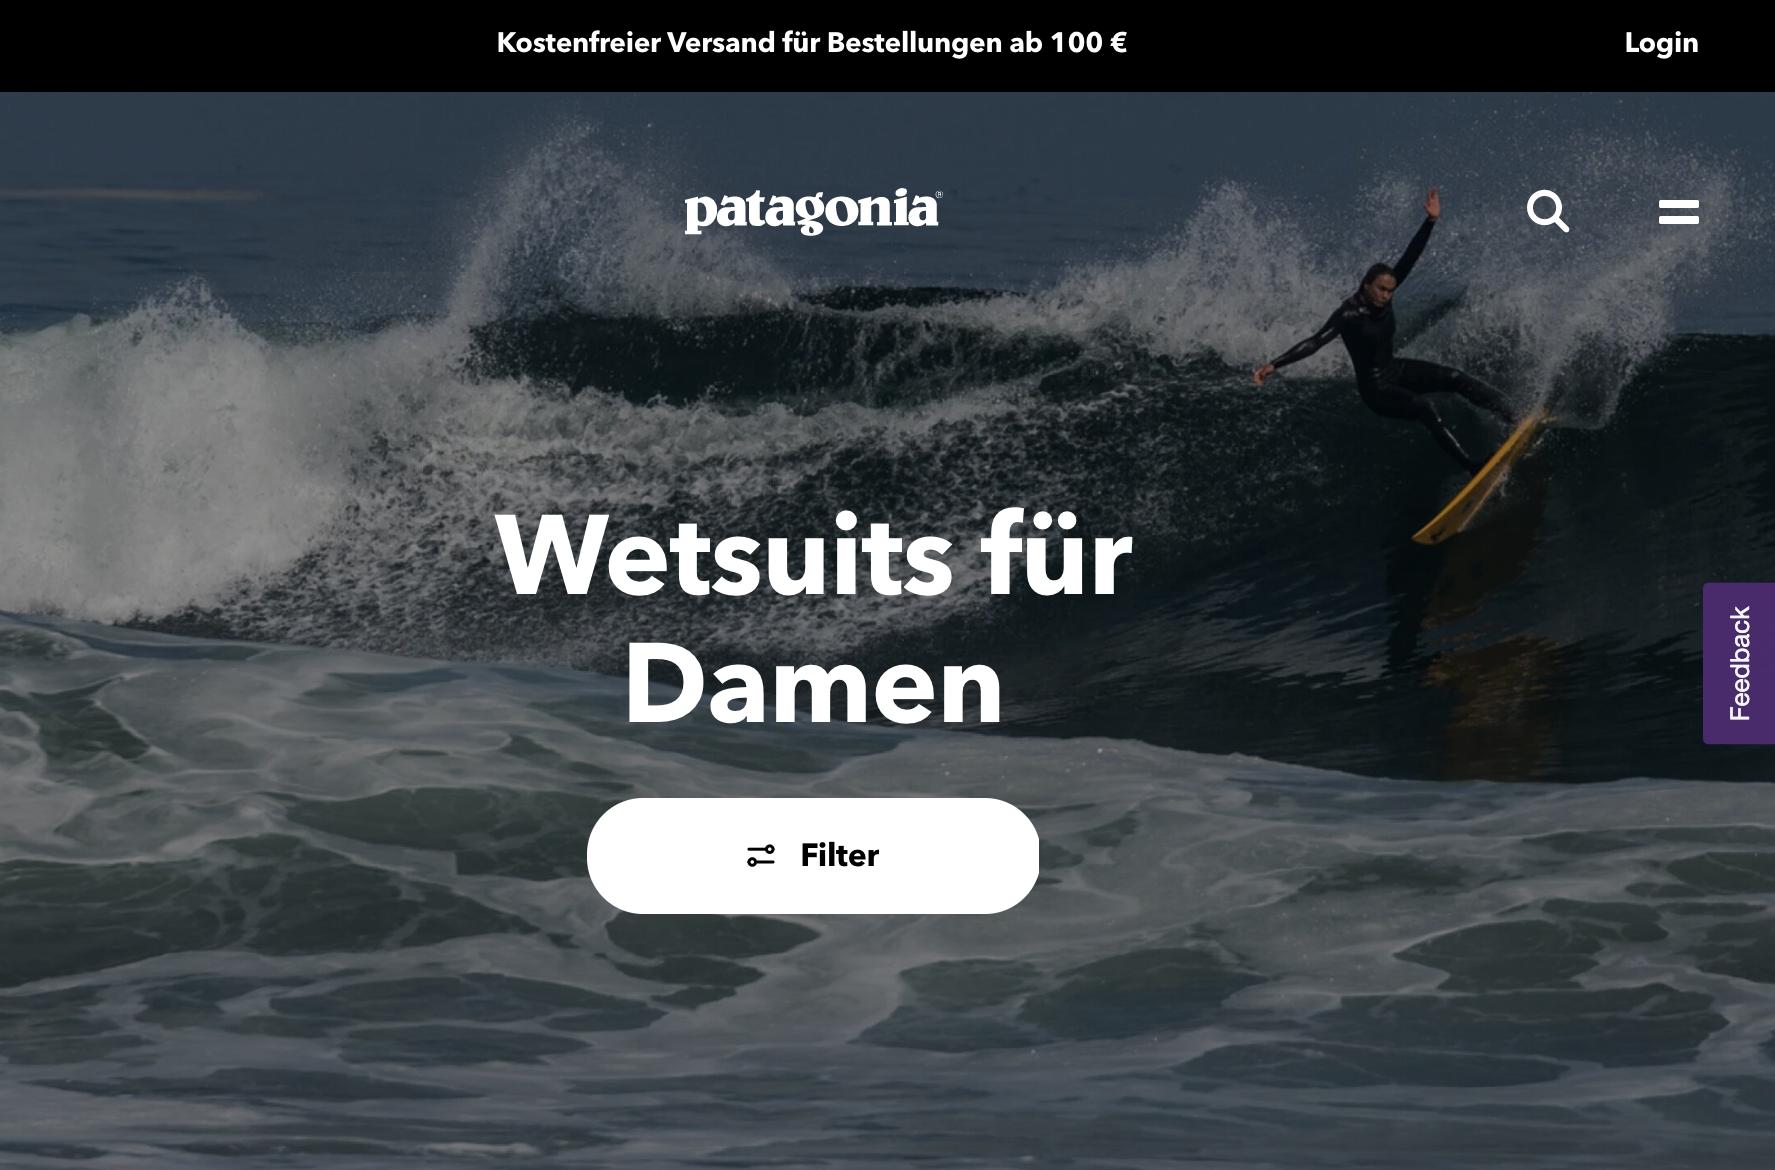 Patagonia Website mit Onlineshop für Wetsuits